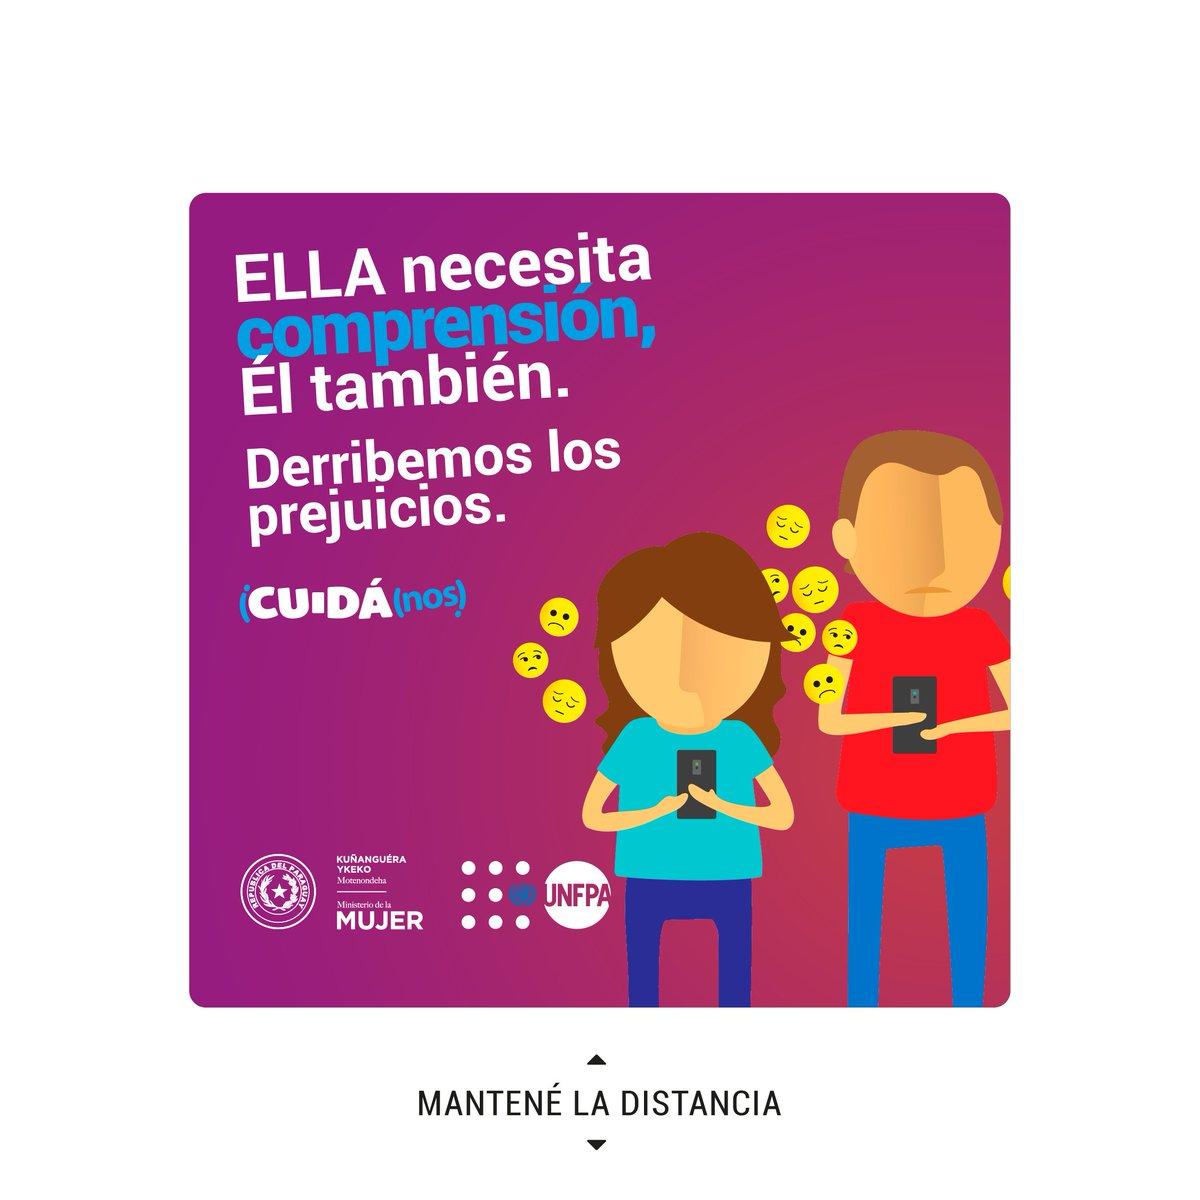 🙌🏼Ante el #COVID19, todos somos vulnerables y necesitamos ayuda.   @minmujerpy #CUIDÁnos https://t.co/XvdyBQG9zB